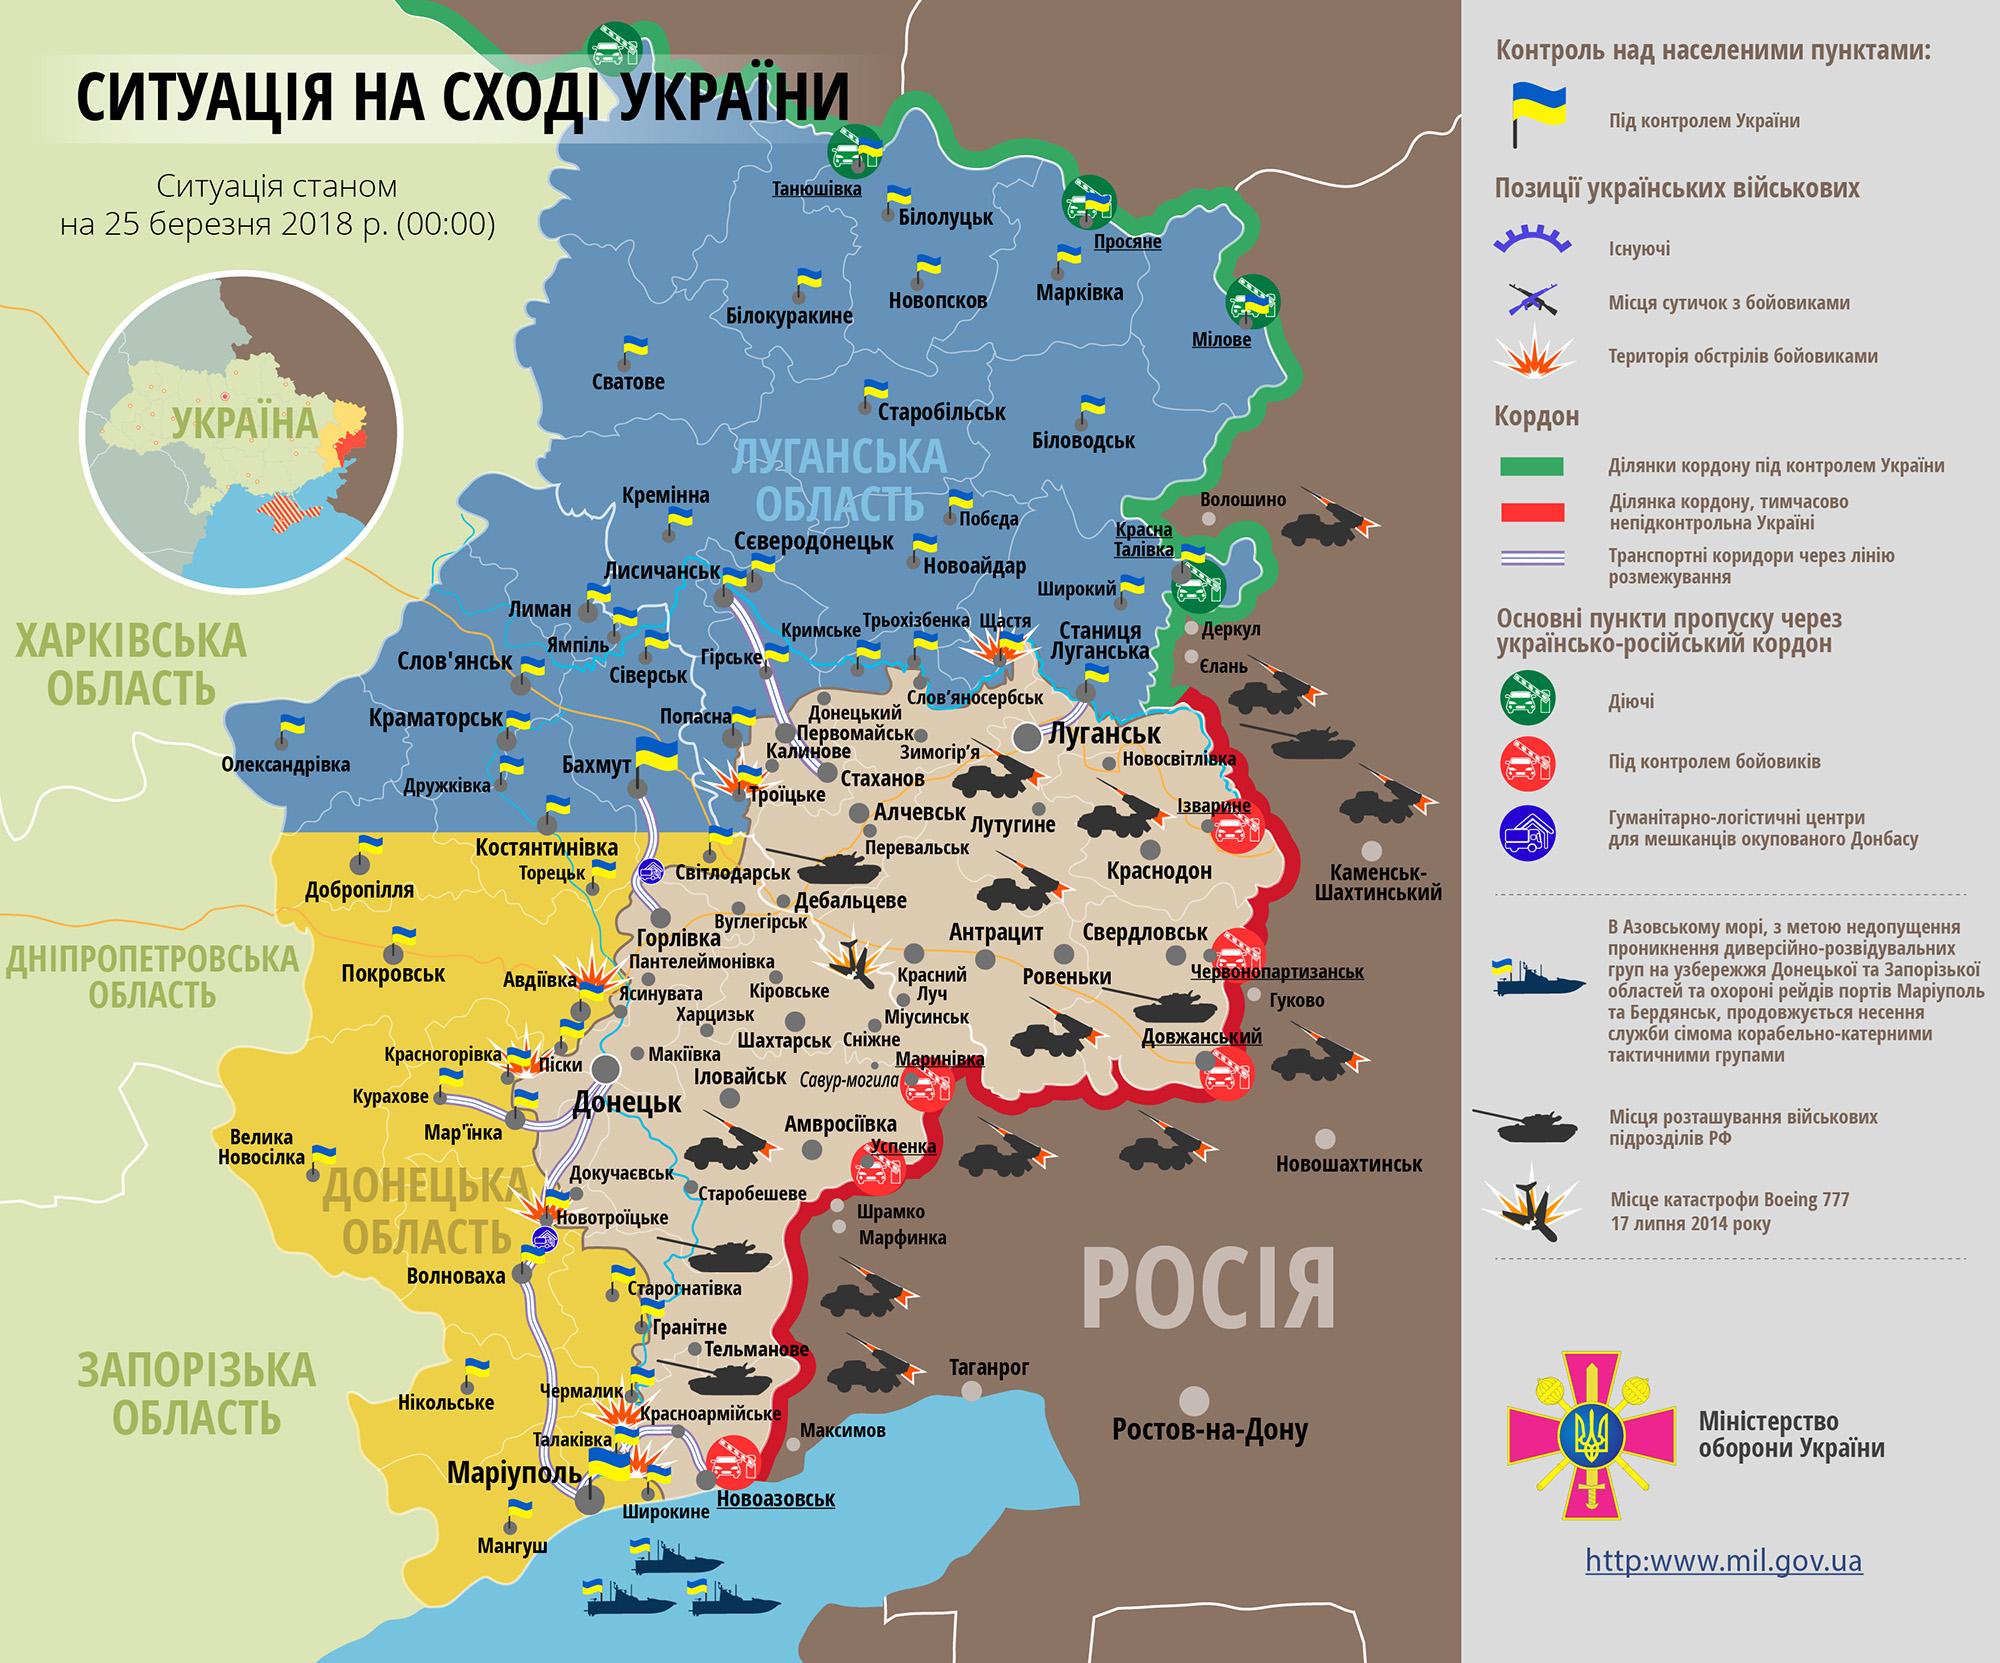 Разведгруппа ВСУ подорвалась наминном поле врайоне Донецка